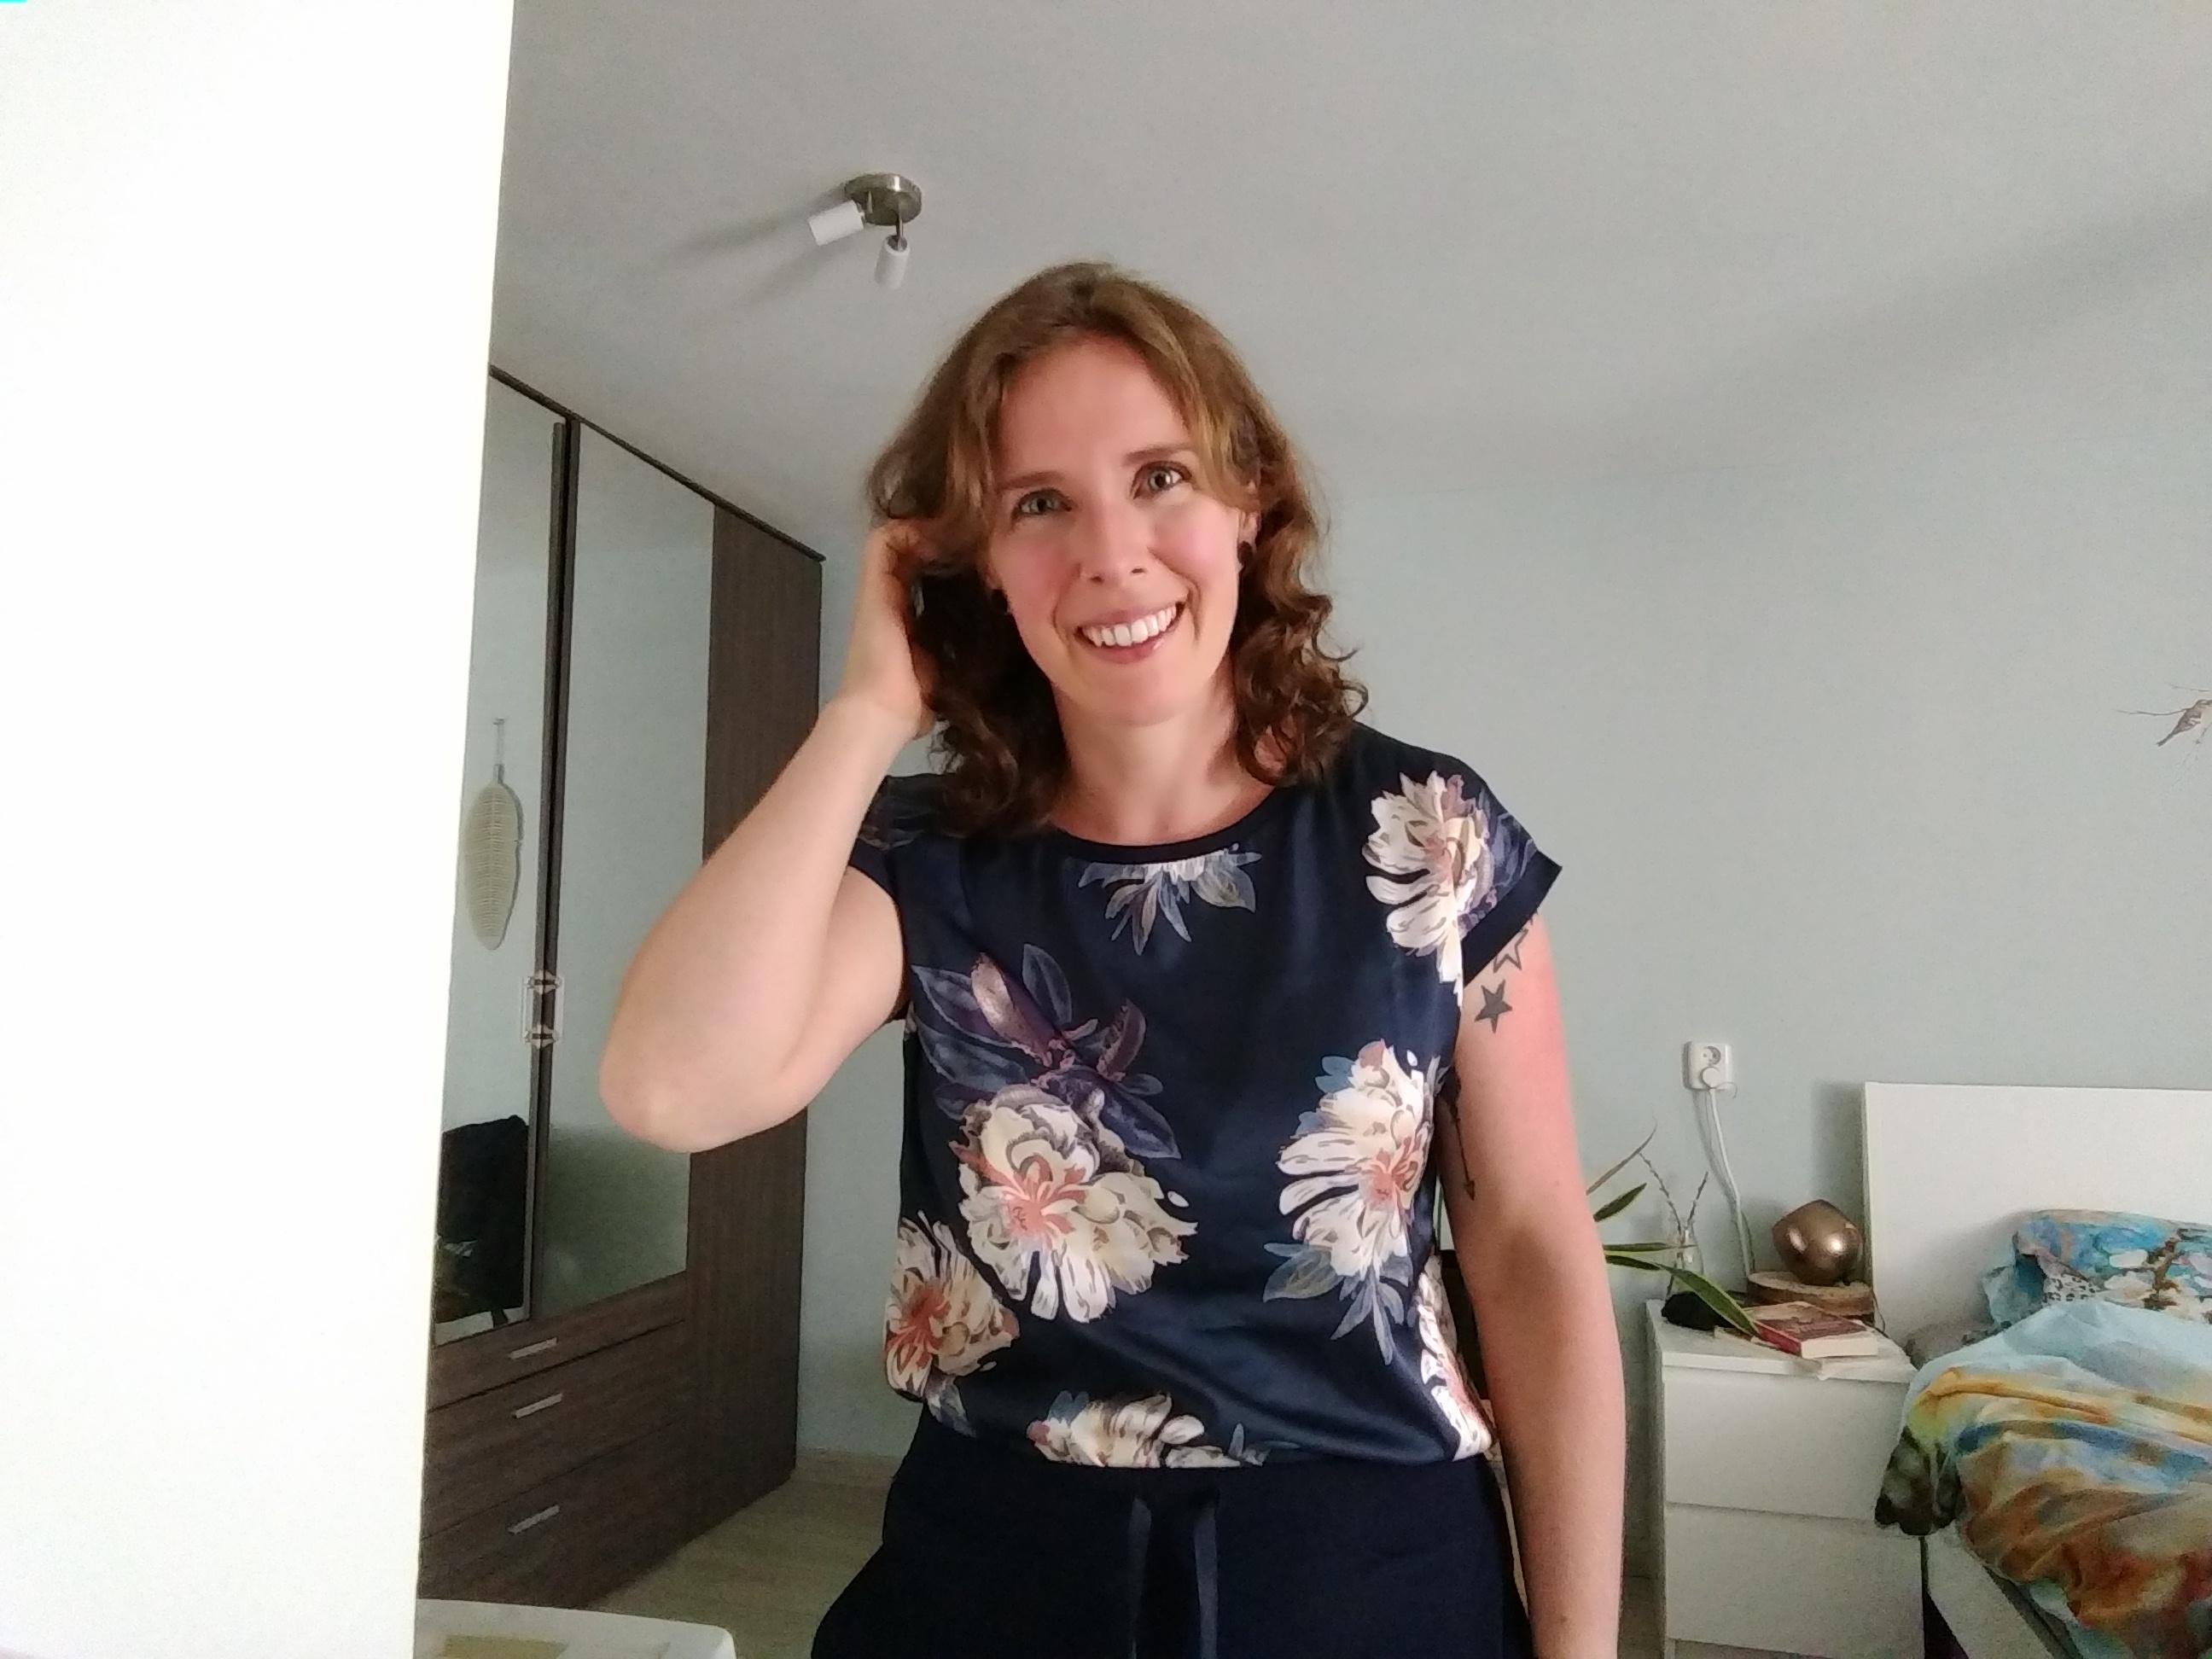 chaotisch moederschap, moederschap, mamalifestyle, momlife, chaos, gezin, gezinsleven, mama van drie, mamablog, lalog.nl